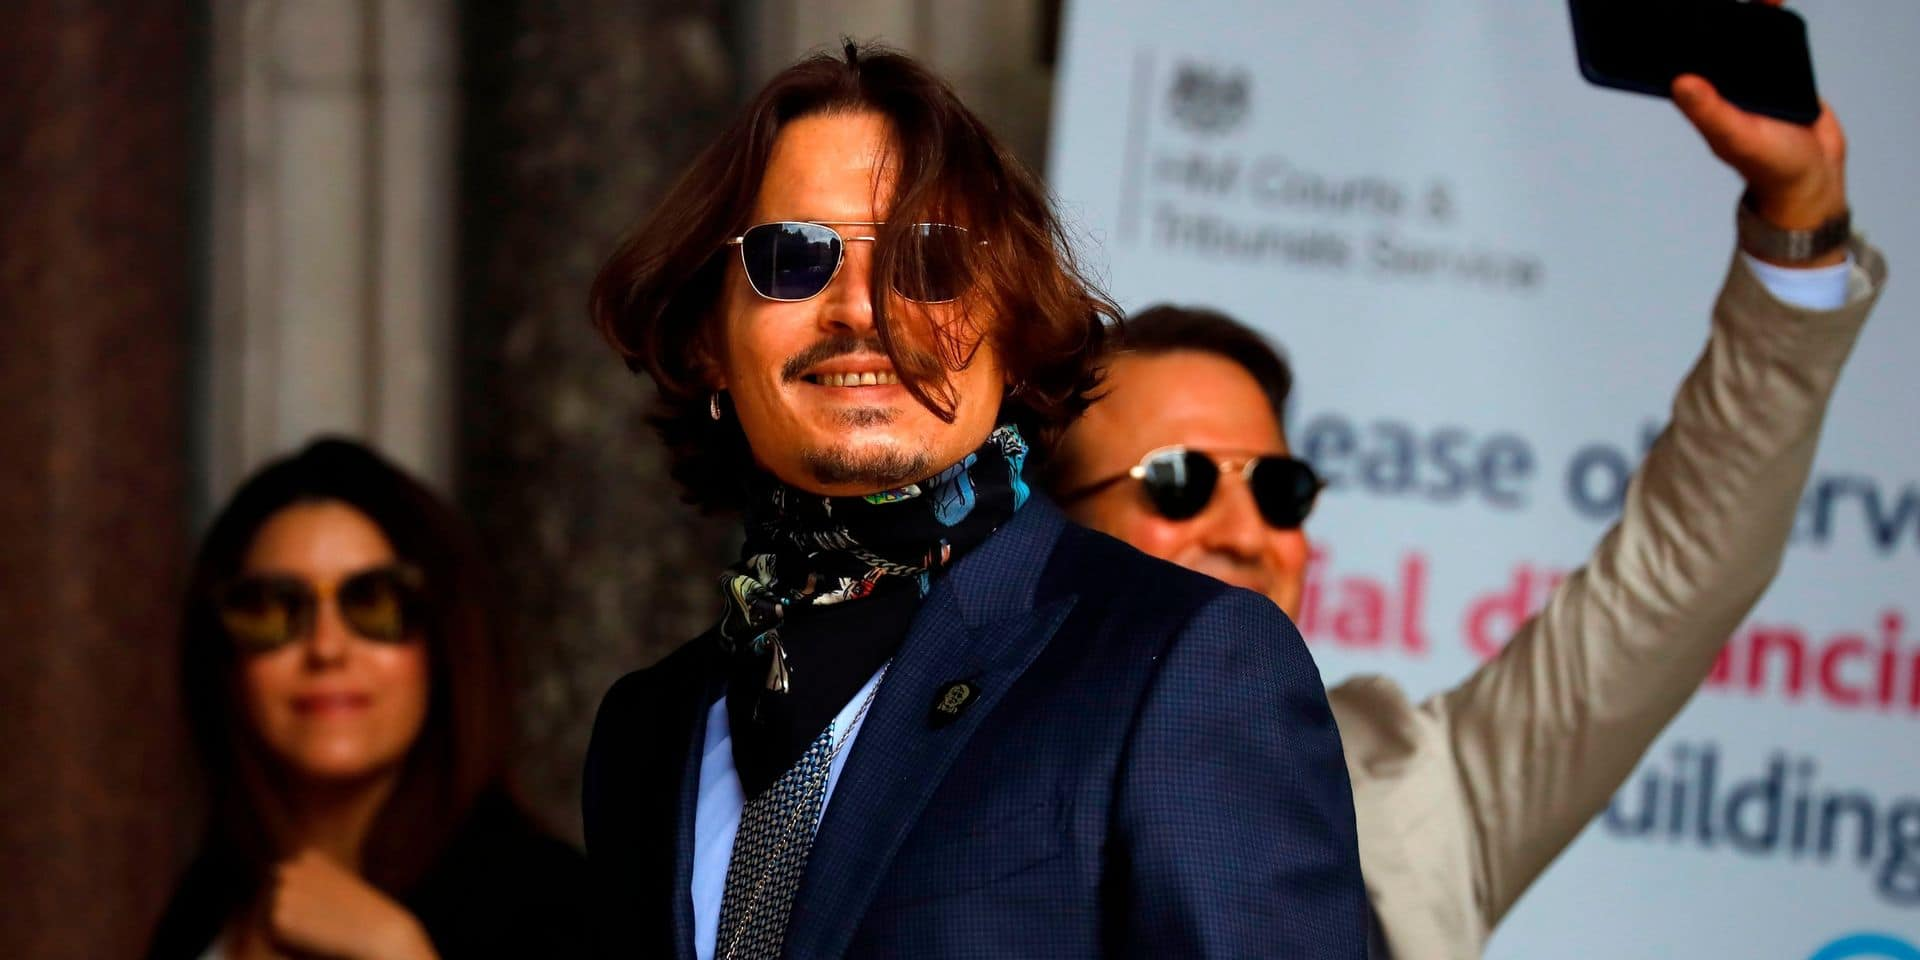 Les avocats de Johnny Depp sortent une preuve de dernière minute censée attester la violence d'Amber Heard